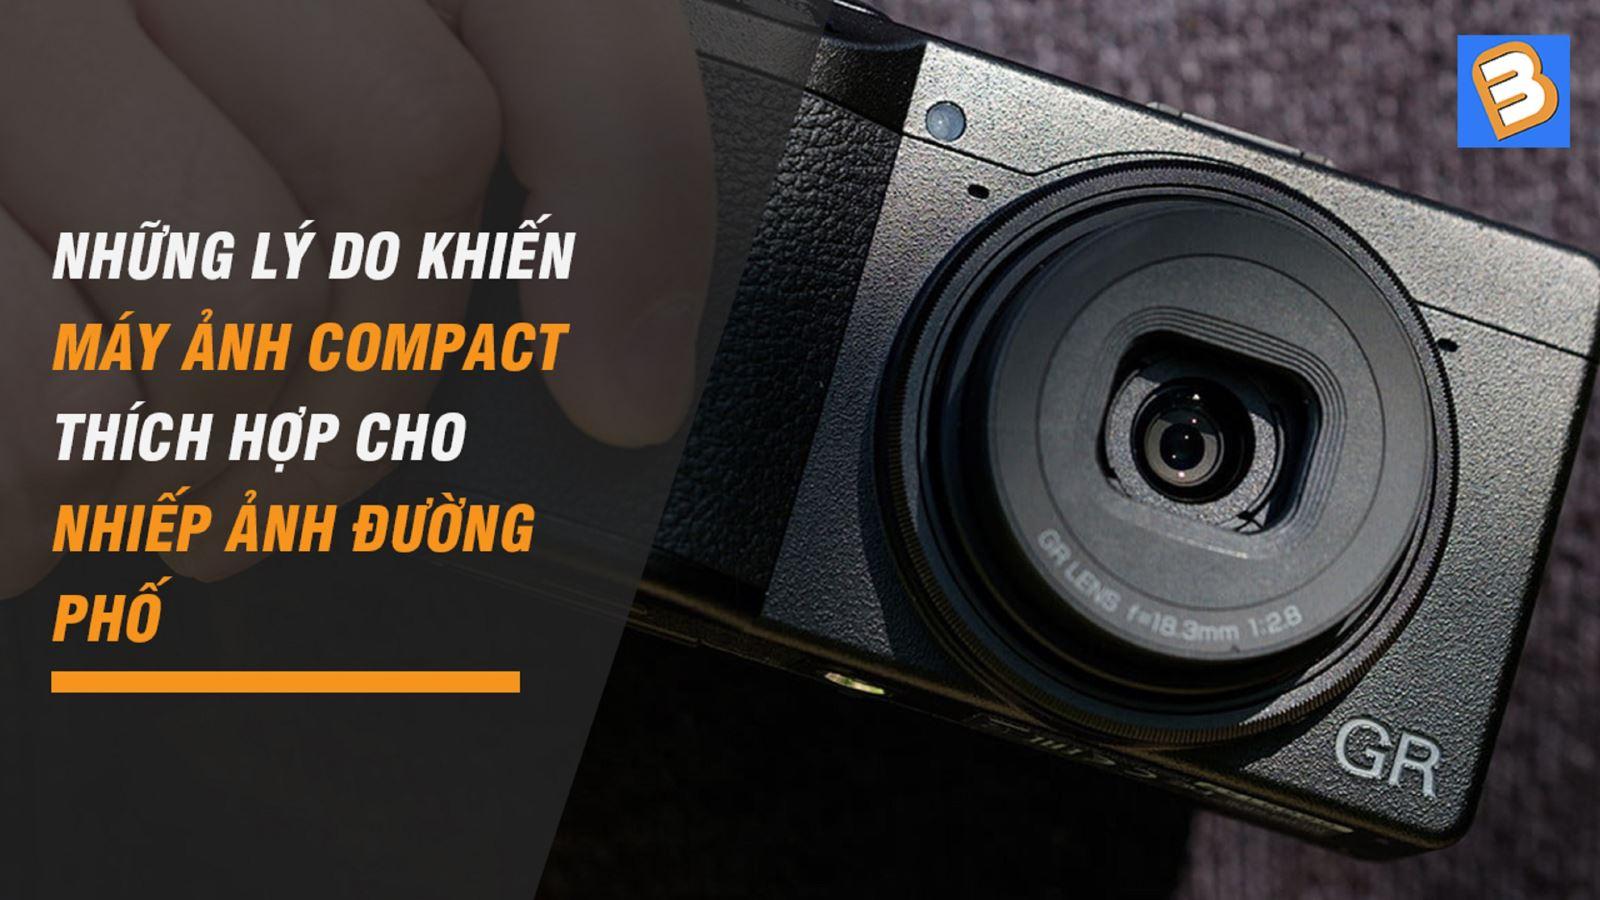 Nhữnglý do khiến máy ảnh Compact thích hợp chonhiếp ảnh đường phố